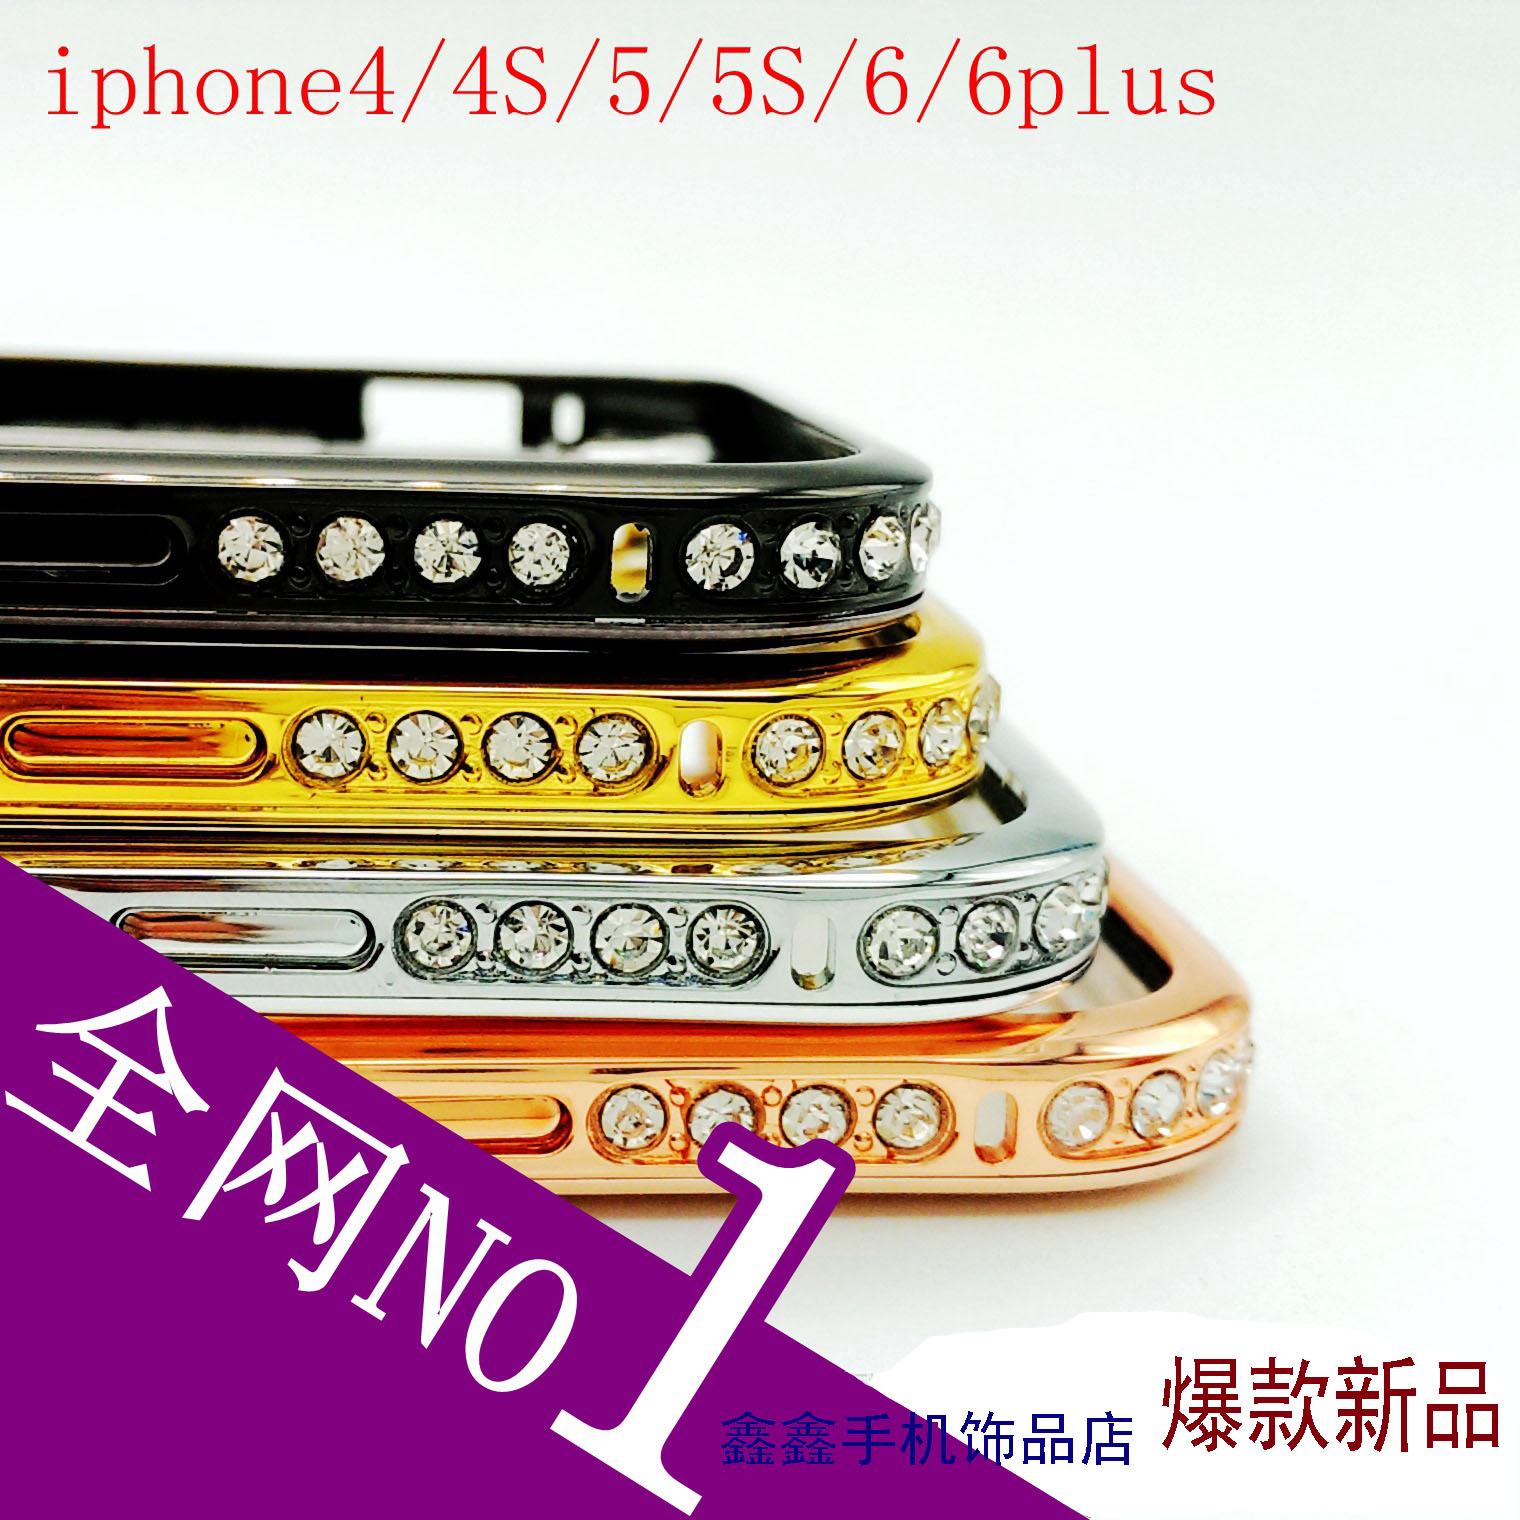 苹果金属带钻水钻框iphone4/4S 5/5s iPhone6/6Plus手机镶钻边框